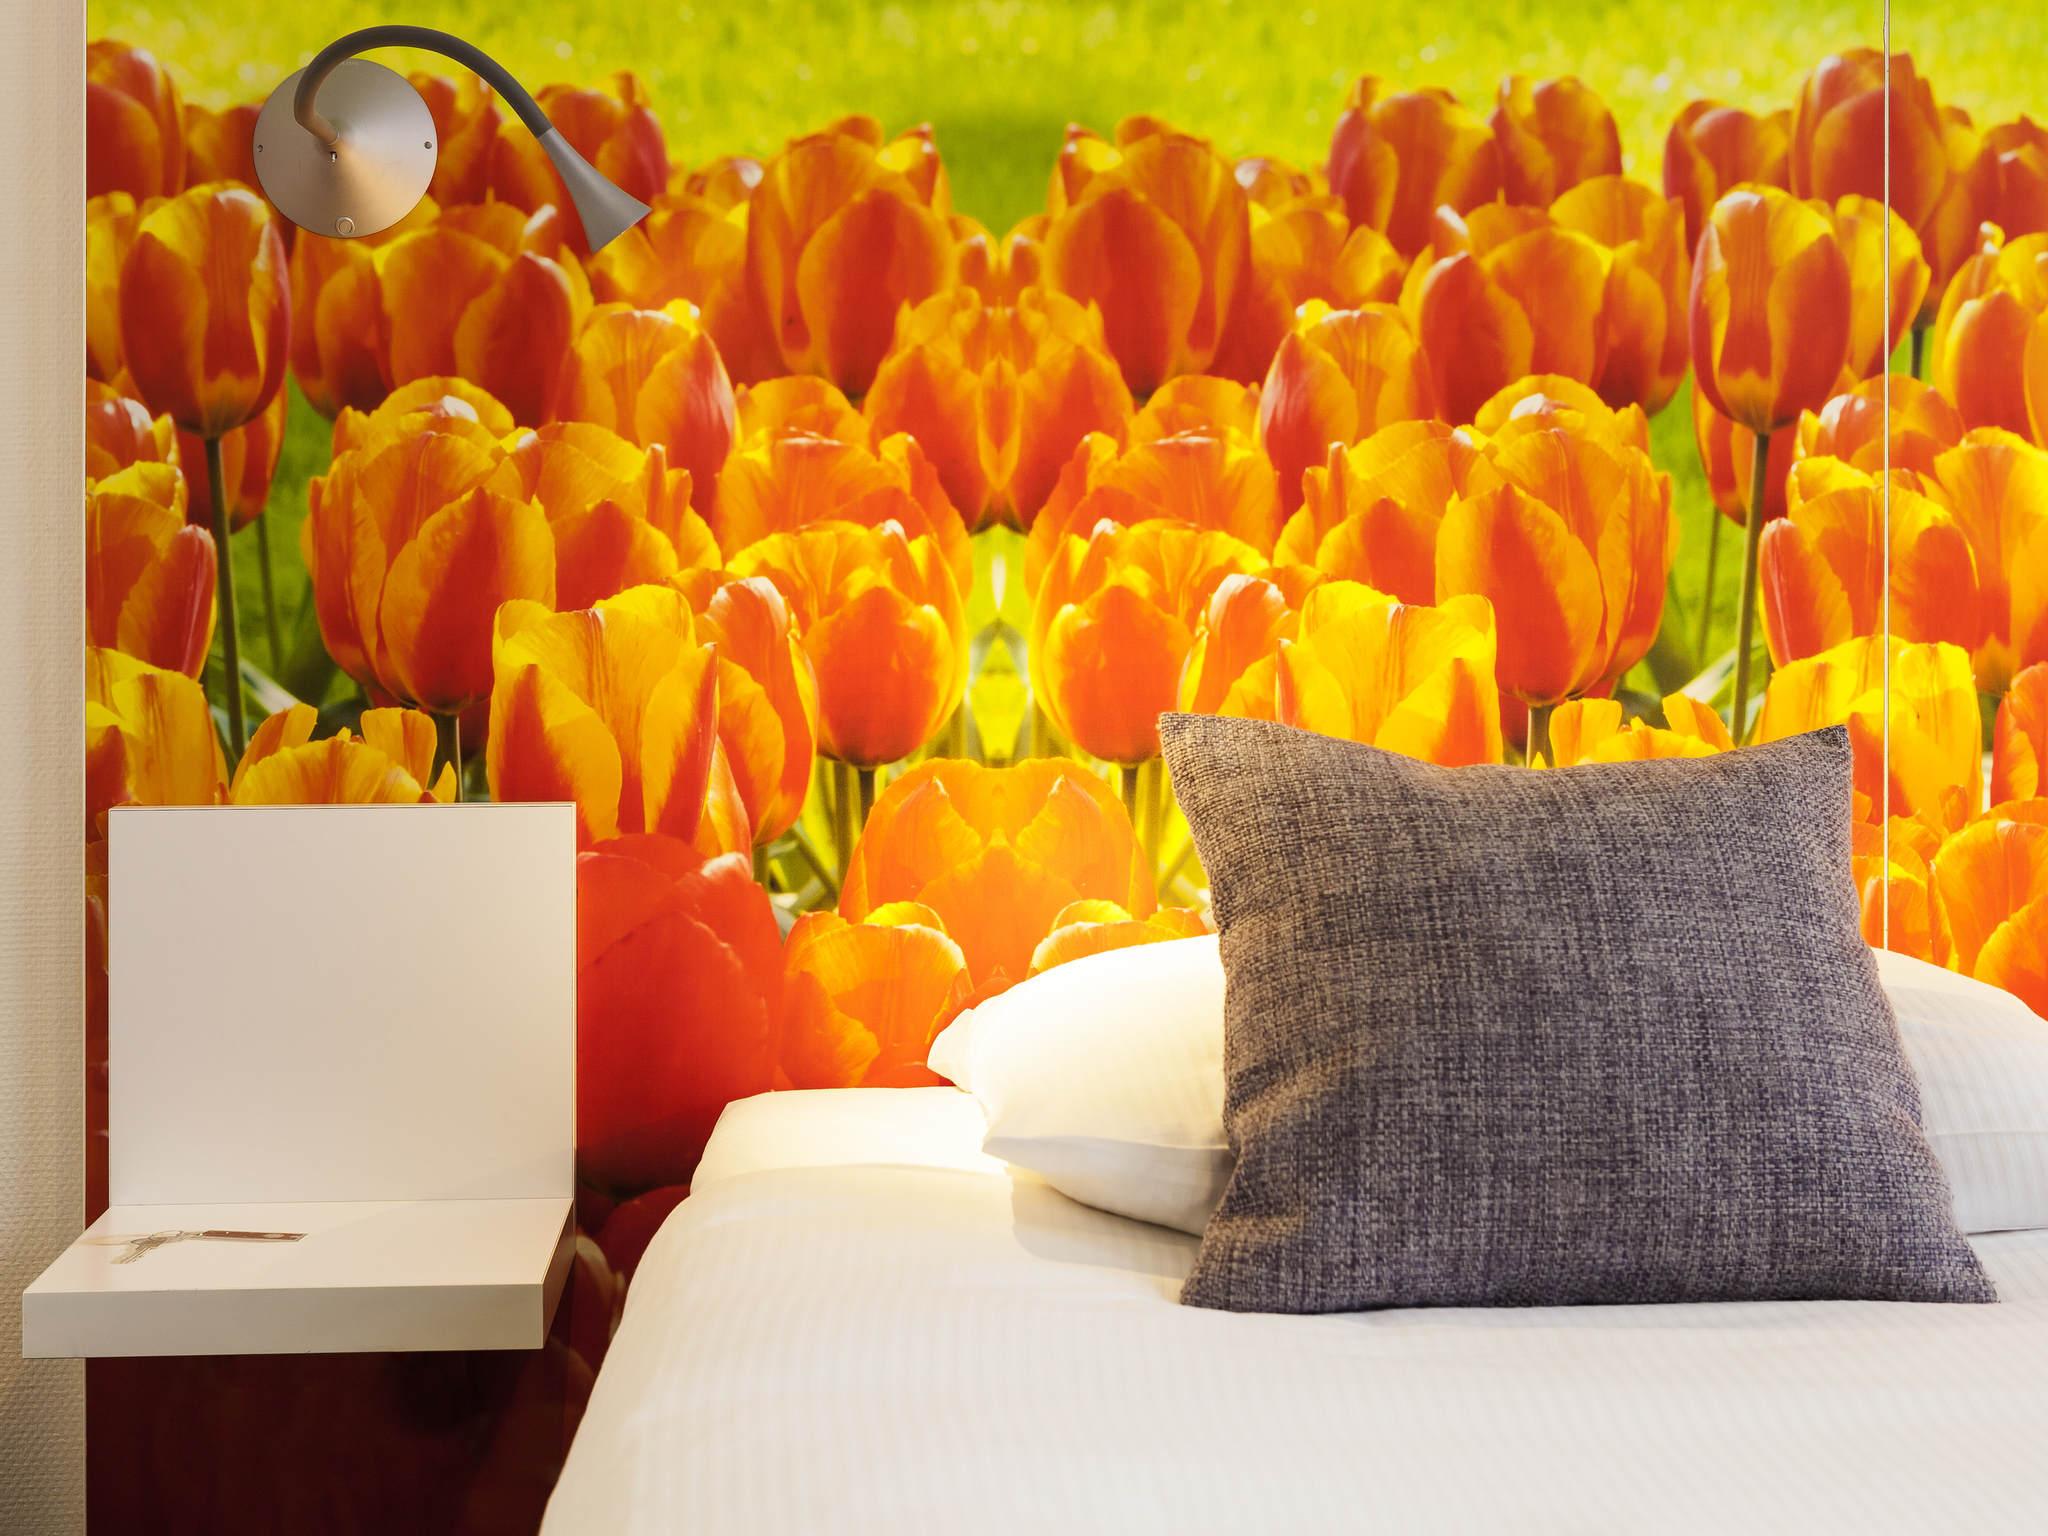 โรงแรม – ไอบิส สไตล์ อัมสเตอร์ดัม ซิตี้